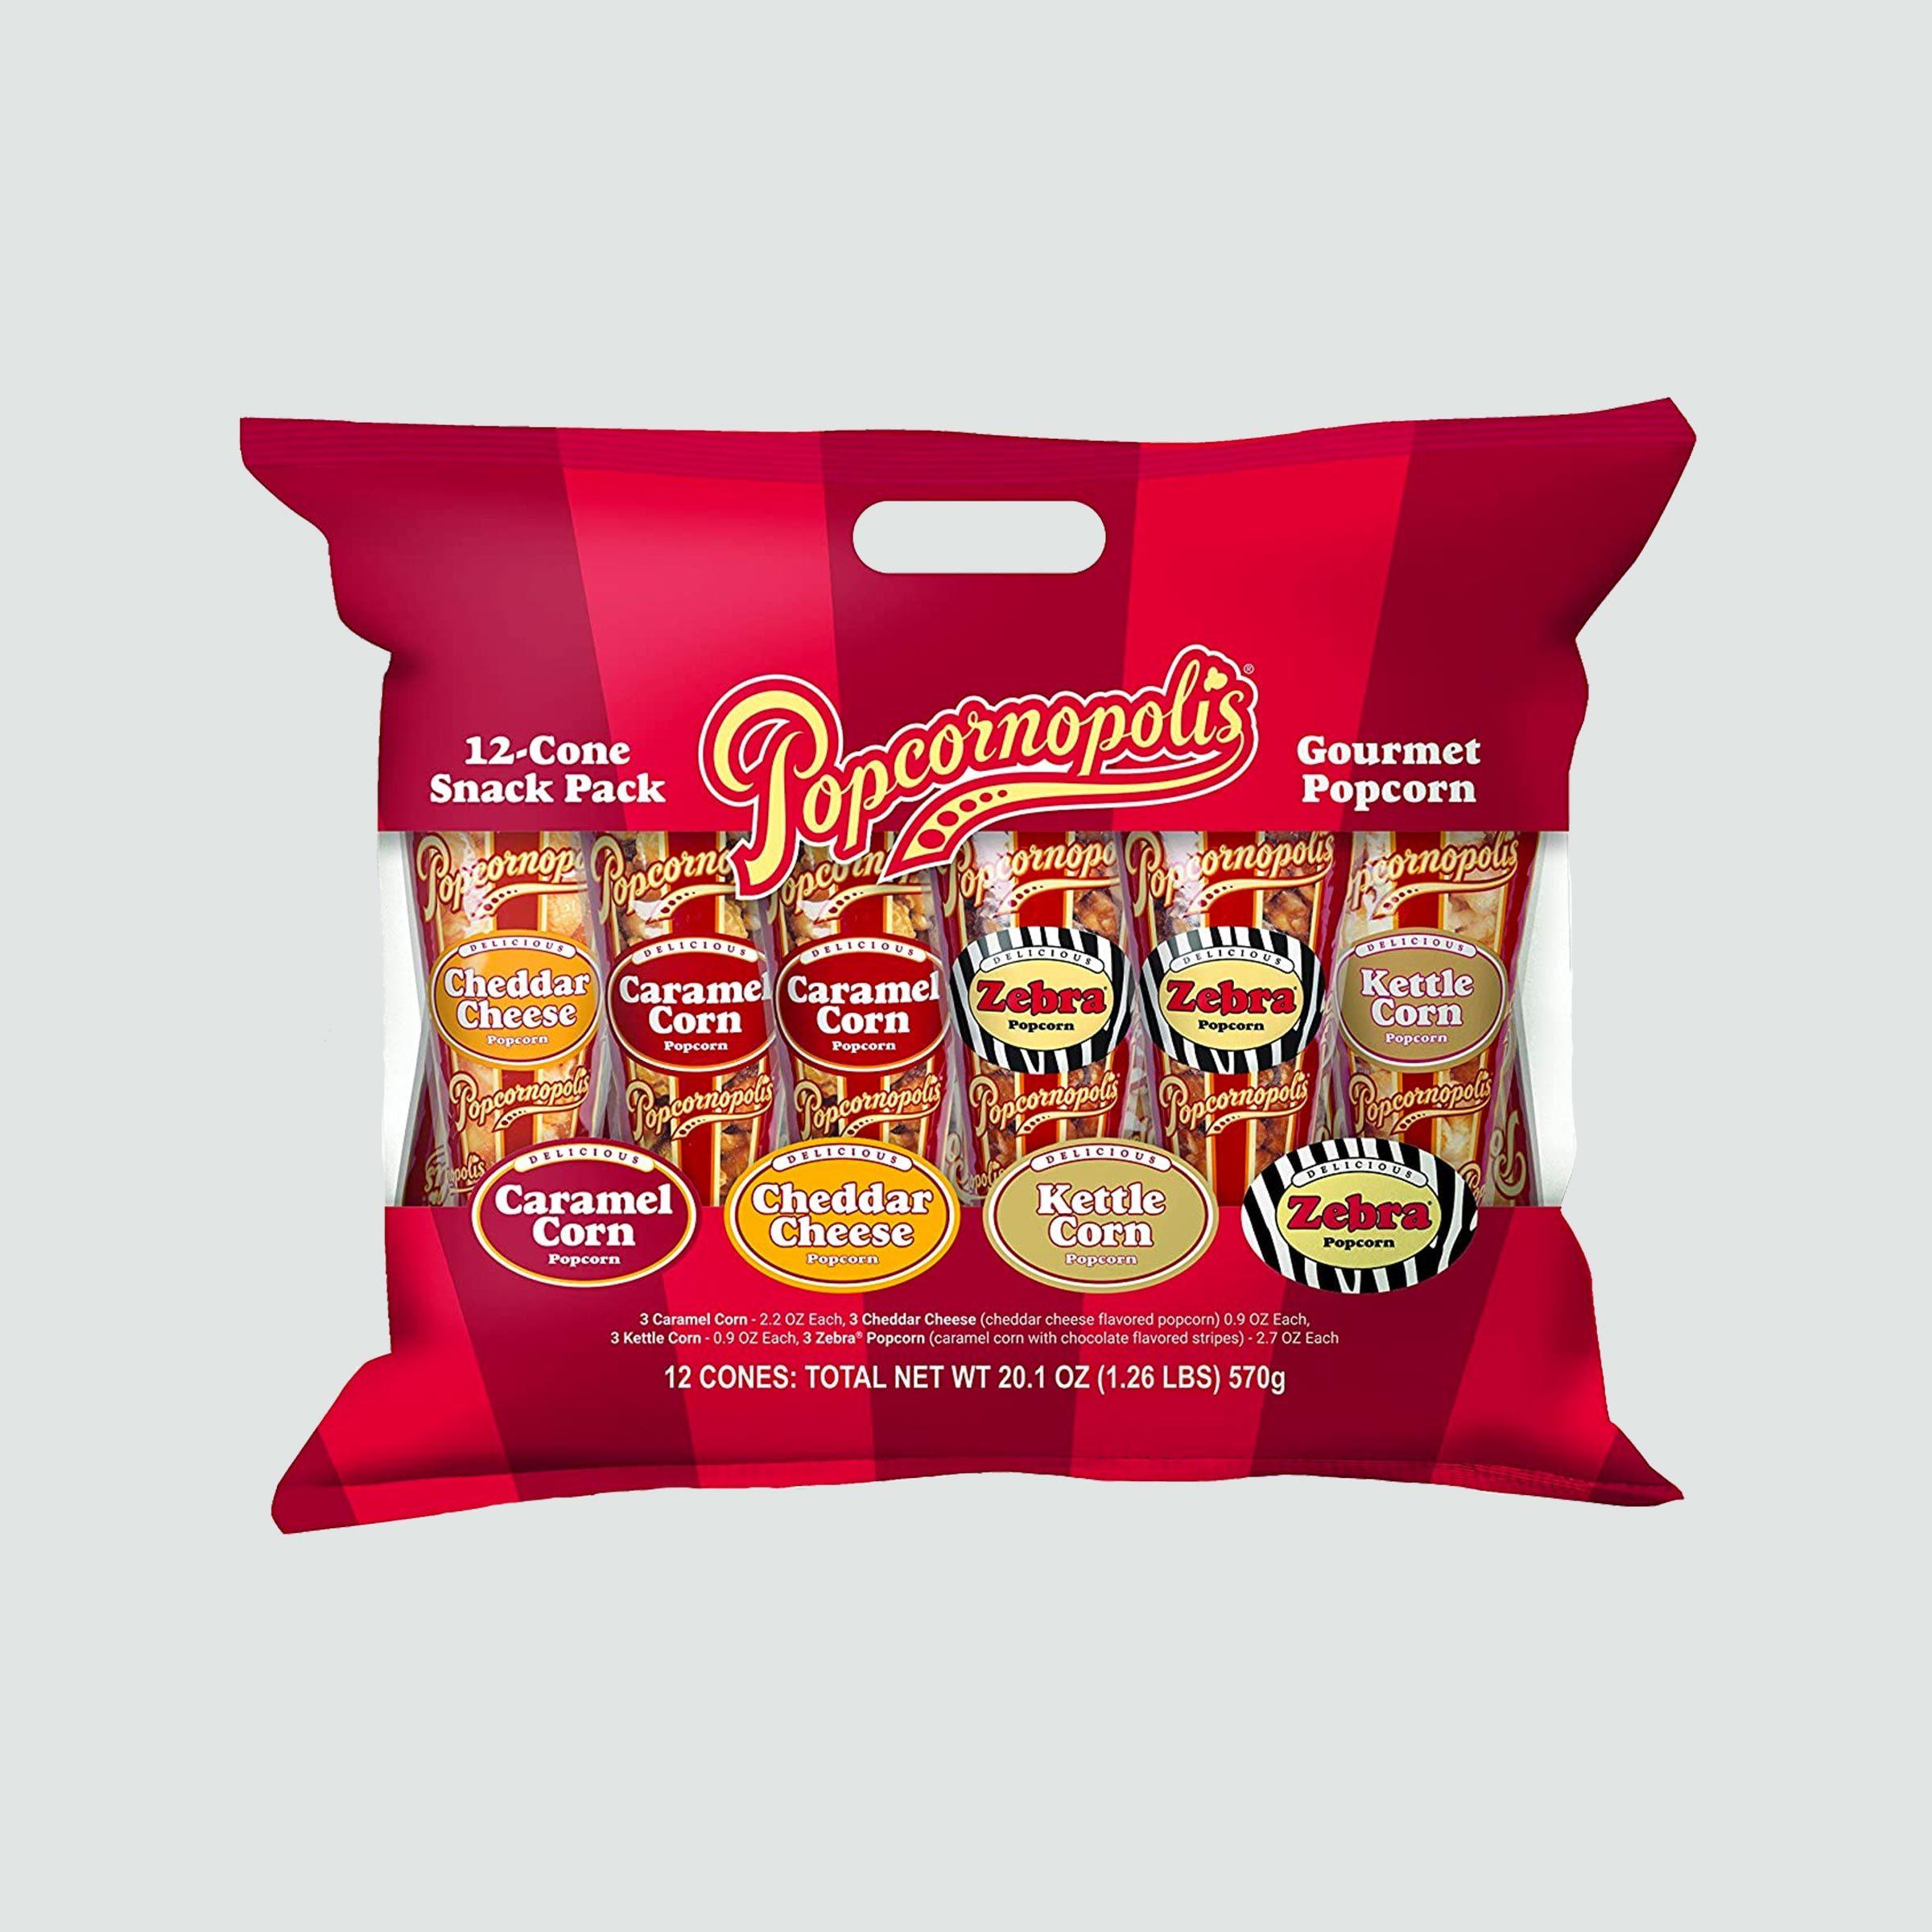 Popcornopolis Popcorn Cone Snack Pack